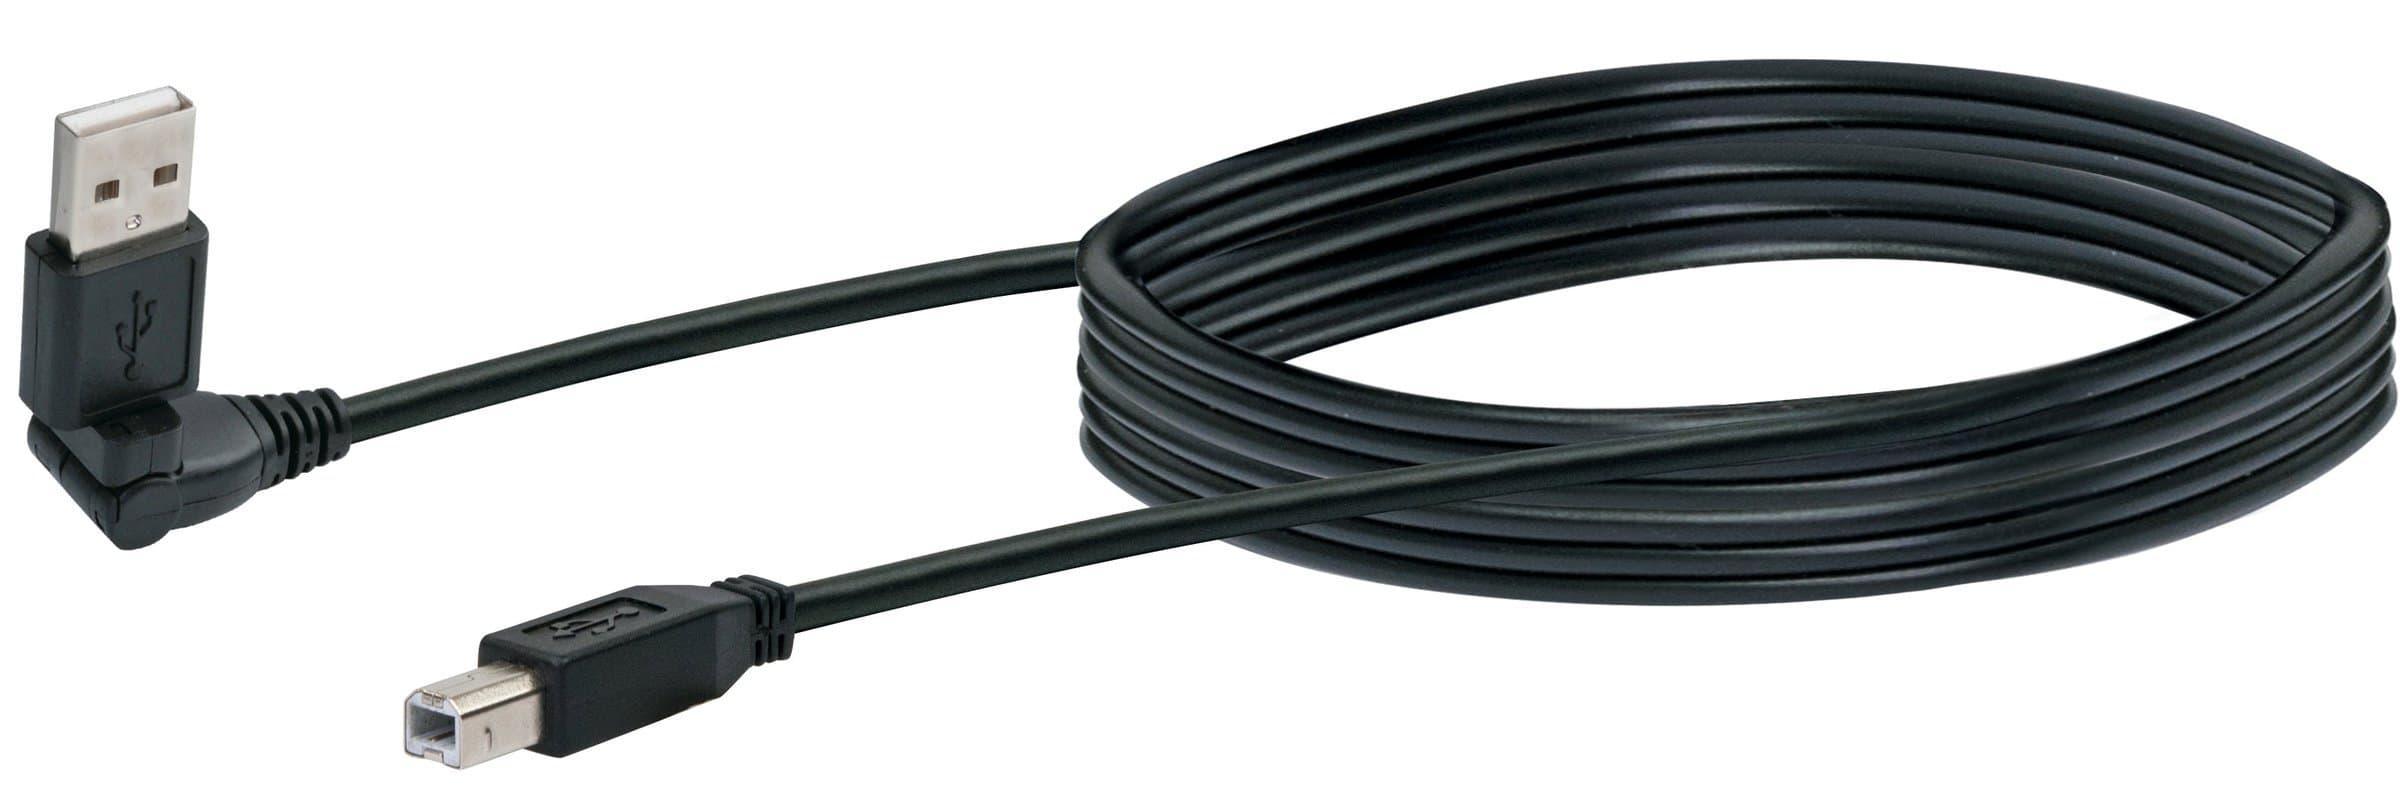 Schwaiger Cavo USB 2.0 1.5m nero, USB 2.0 tipoA 360° / USB 2.0 tipoB